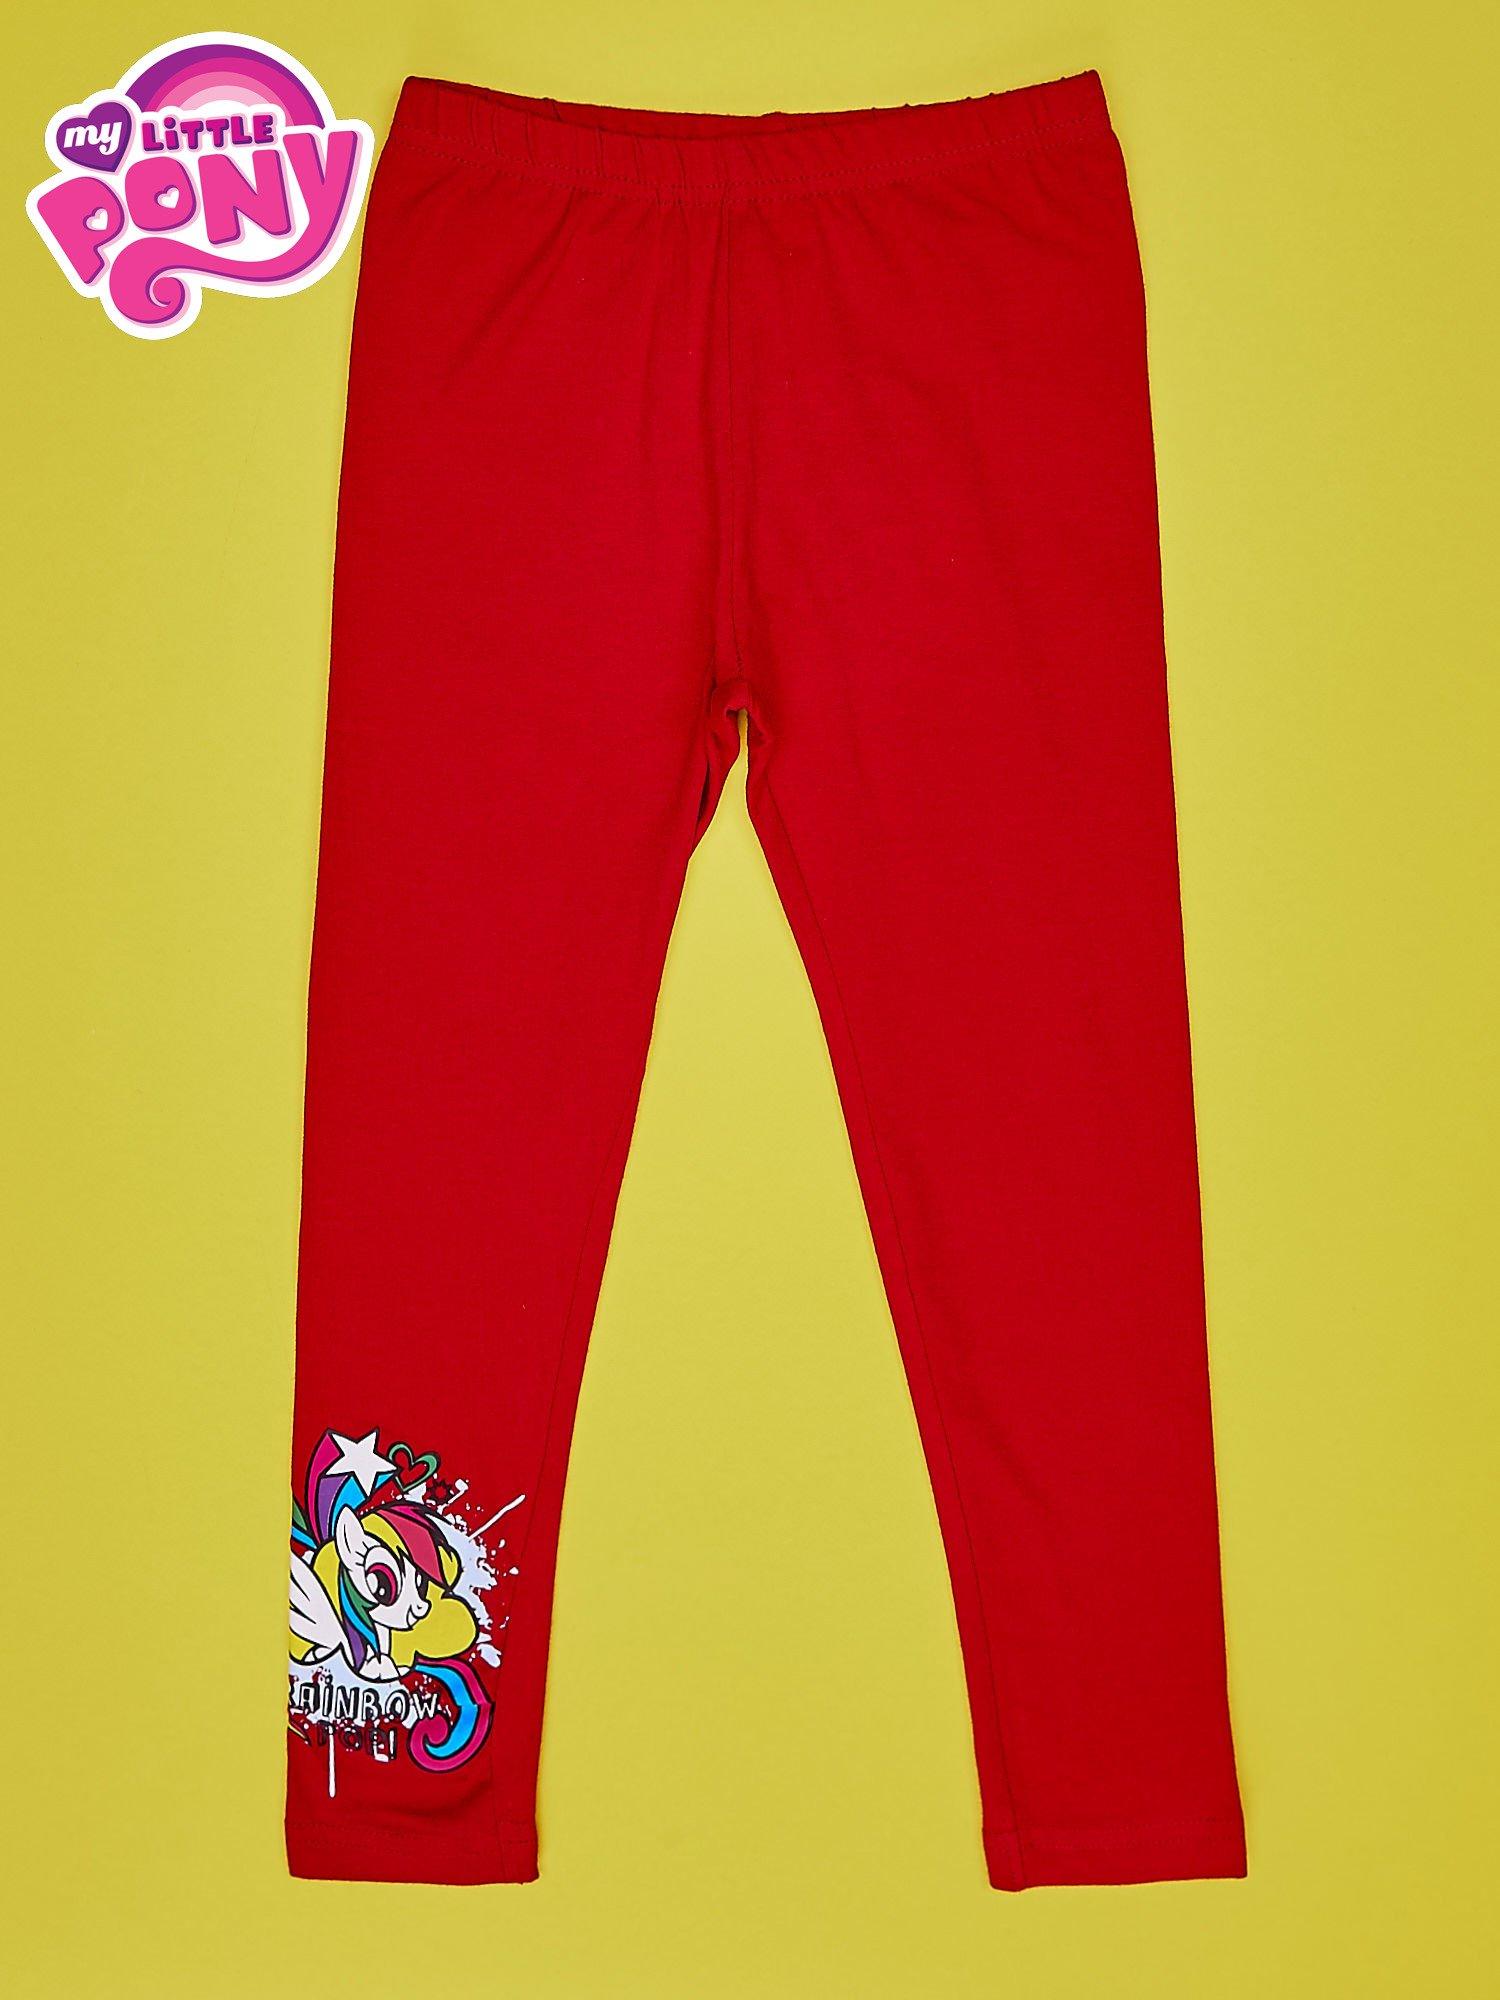 Czerwone legginsy dla dziewczynki z motywem MY LITTLE PONY                                  zdj.                                  1